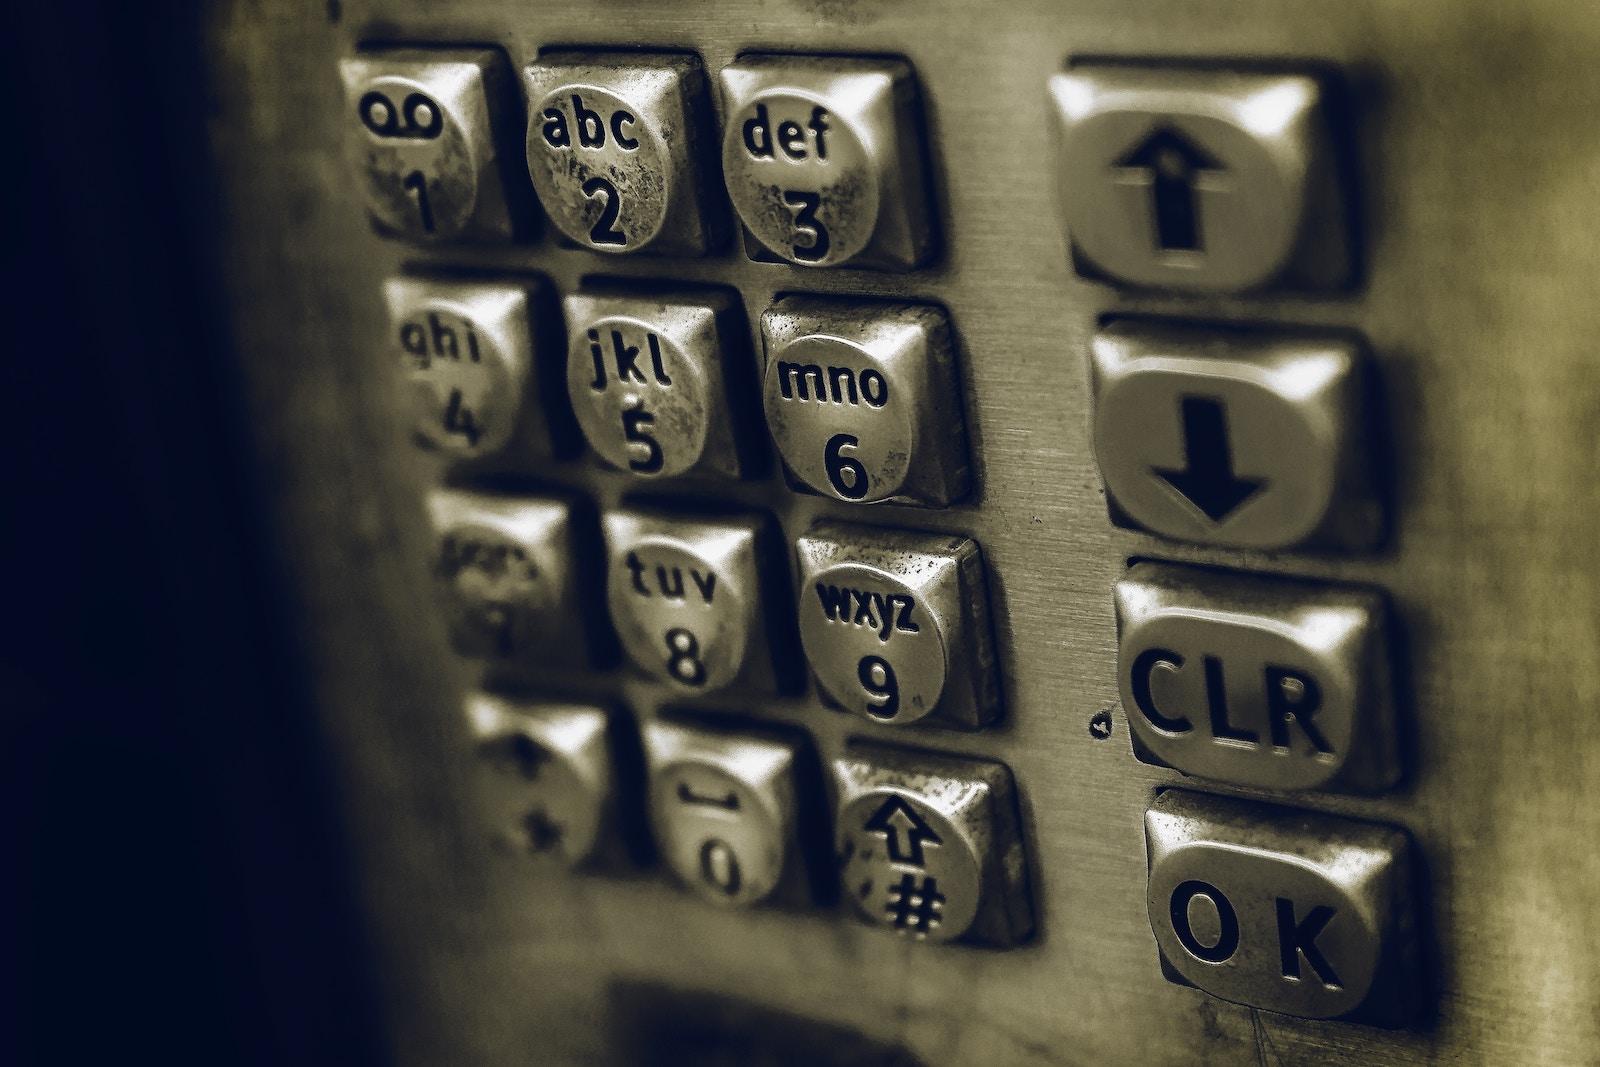 Голосовий помічник Google вперше з'явився у кнопковому телефоні